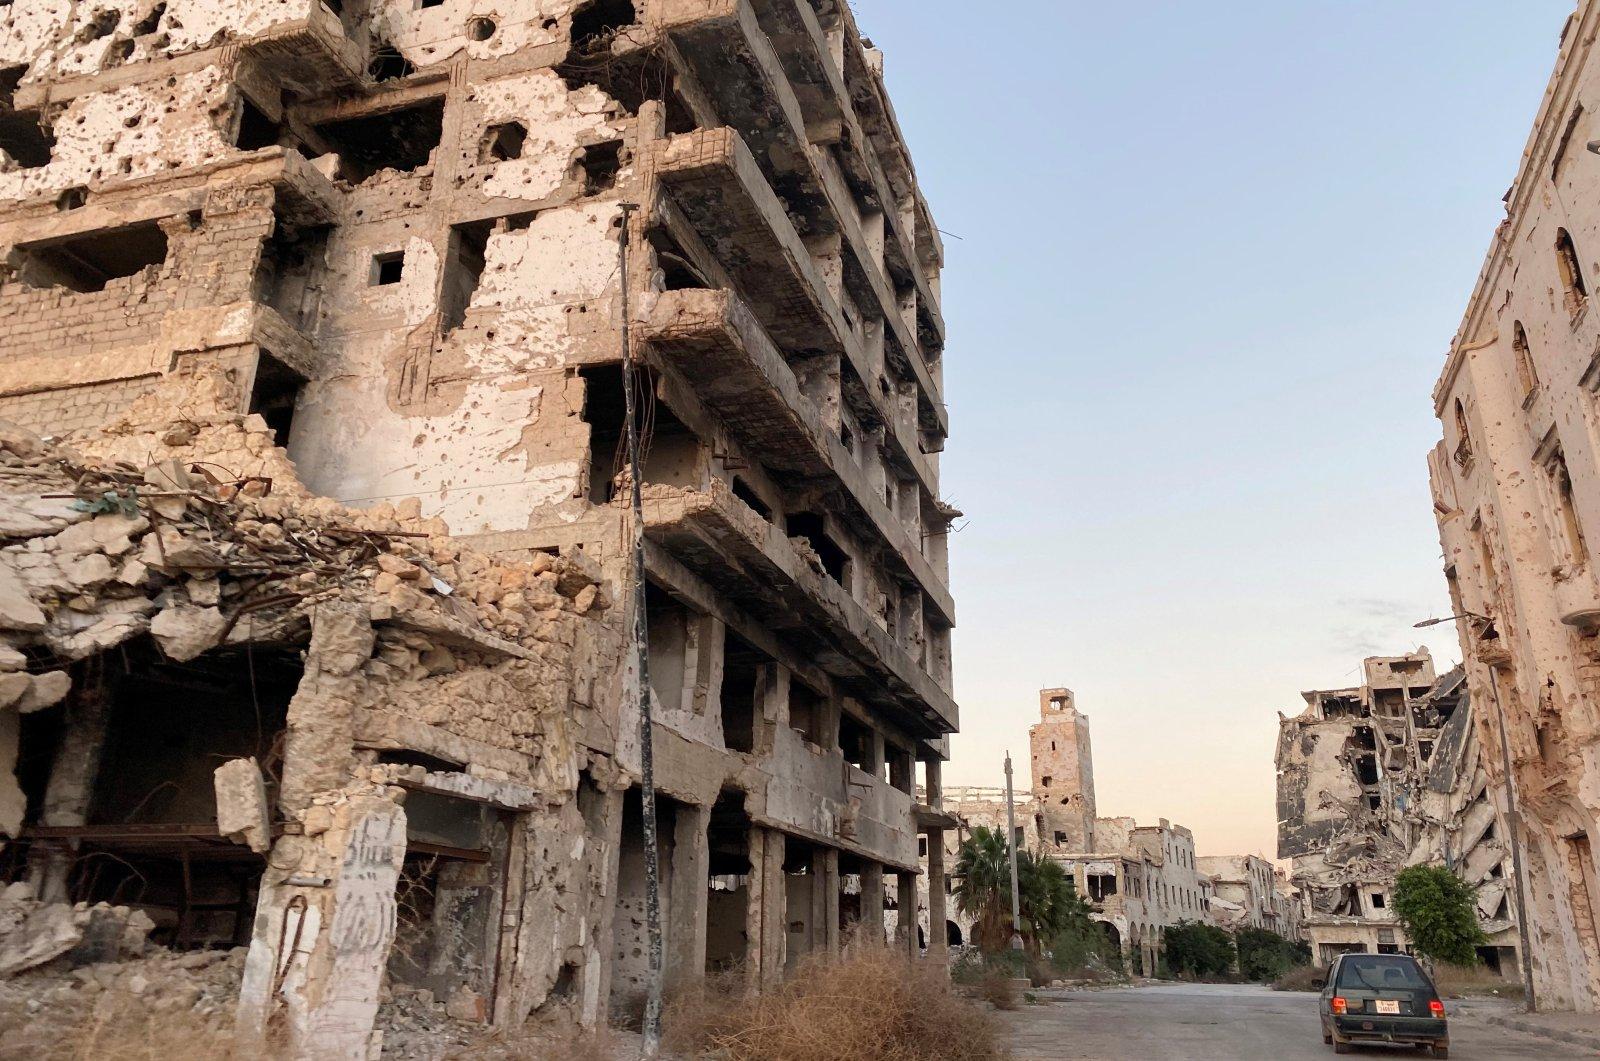 A car is seen between destroyed buildings in Benghazi, Libya Nov. 23, 2020. (Reuters File Photo)